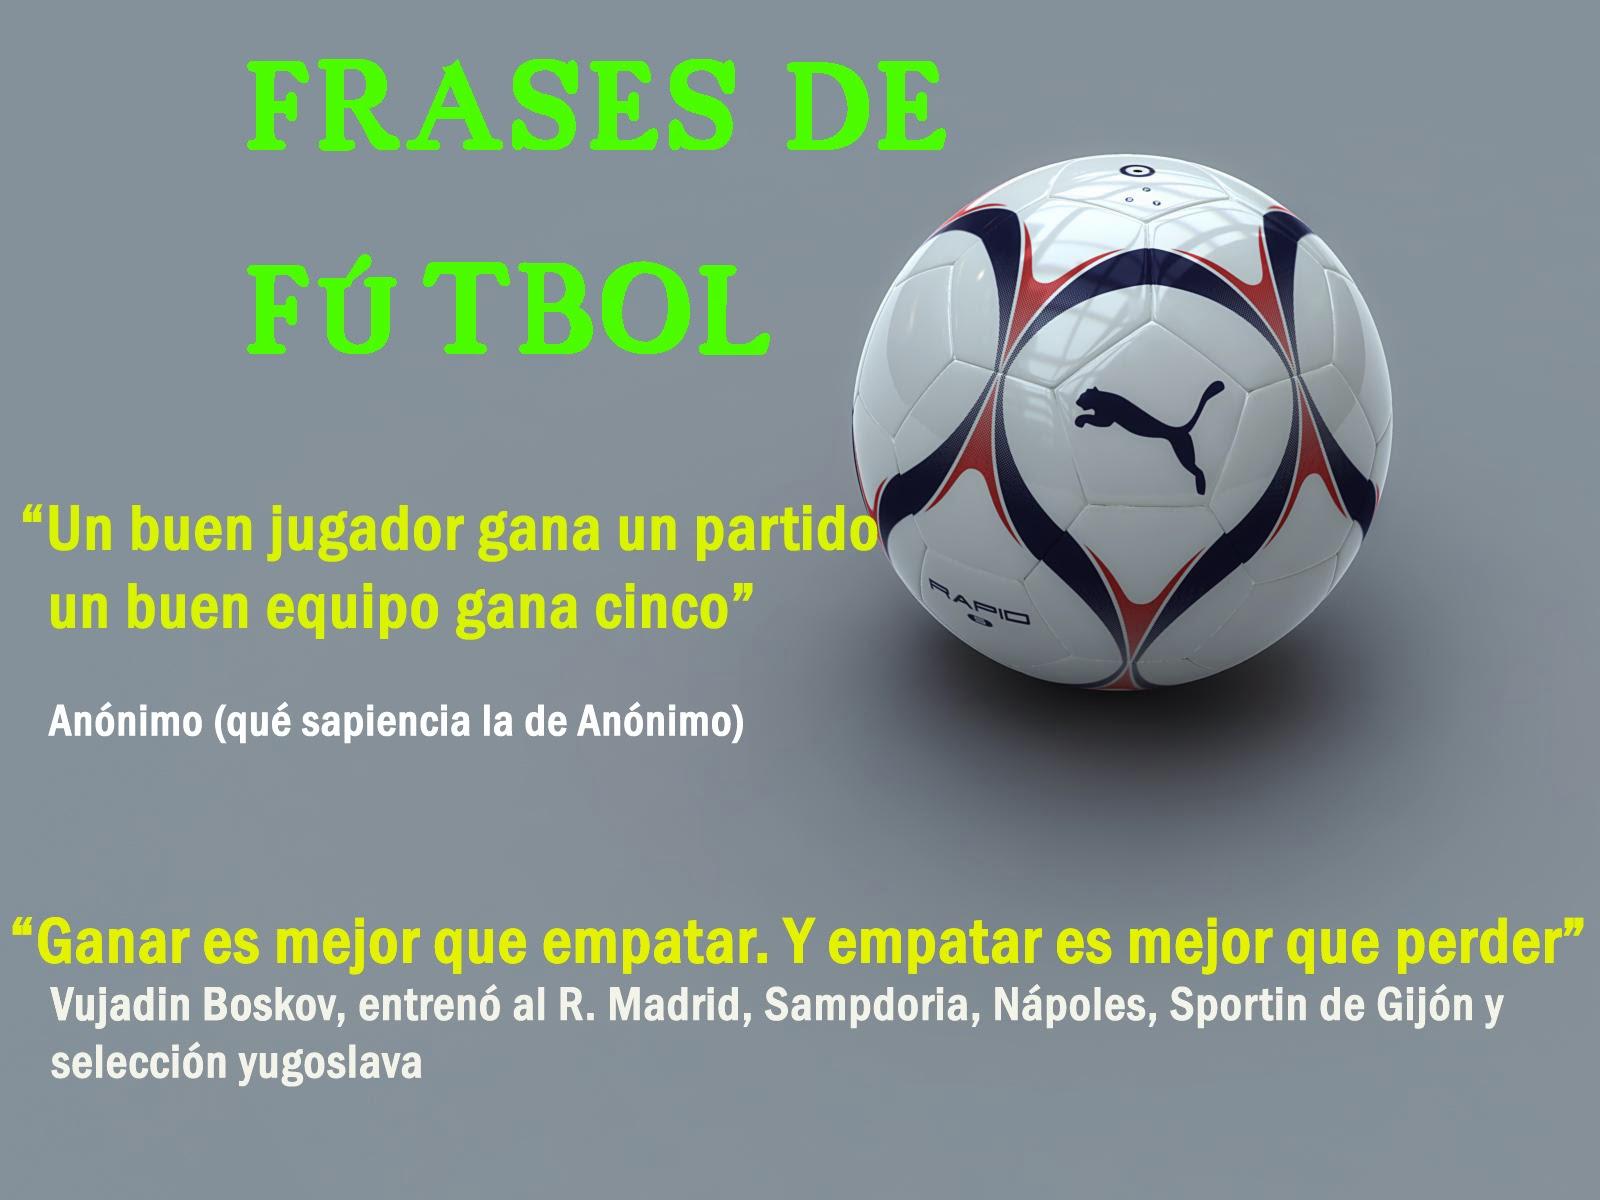 Imagenes De Futbol Y Frases - Imagenes Con Frases De Equipos De Futbol